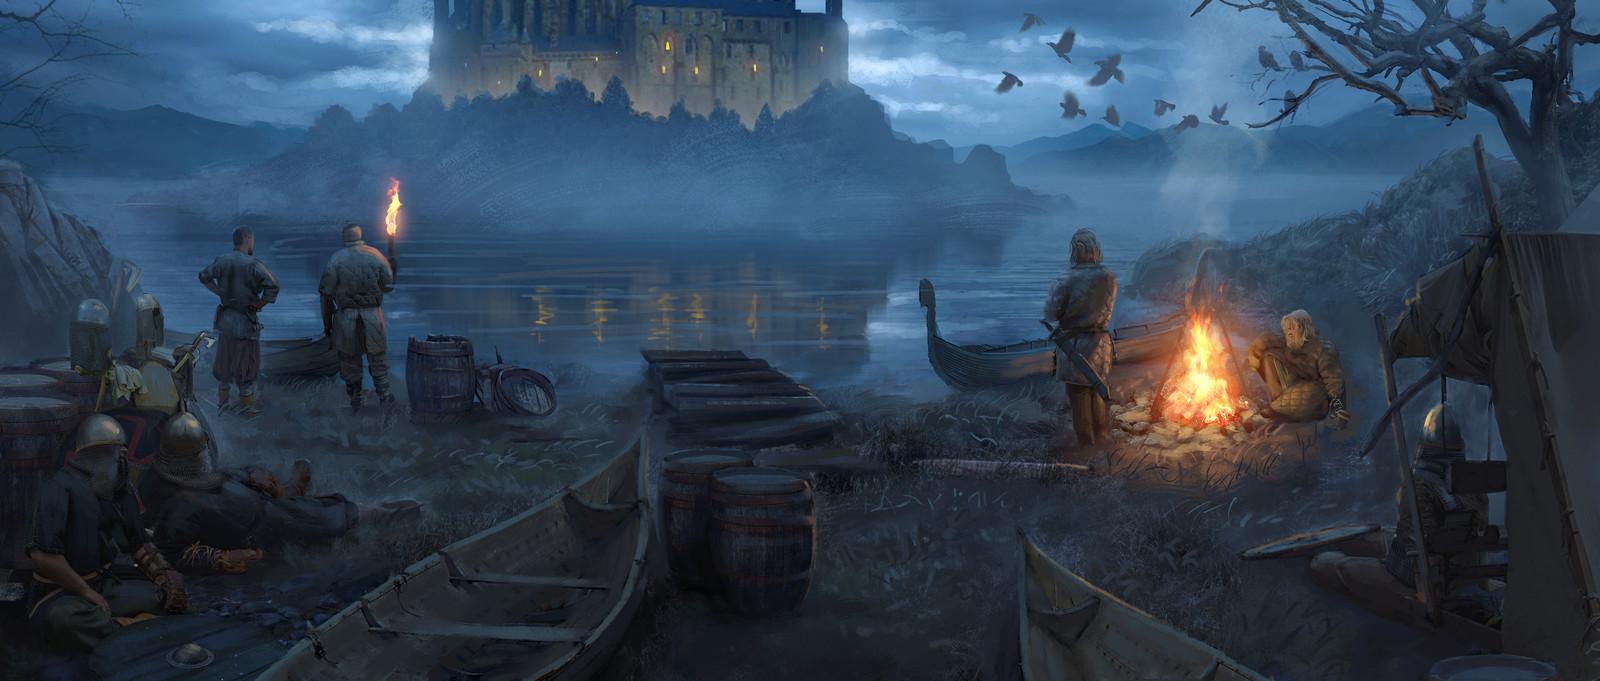 Viking campfire